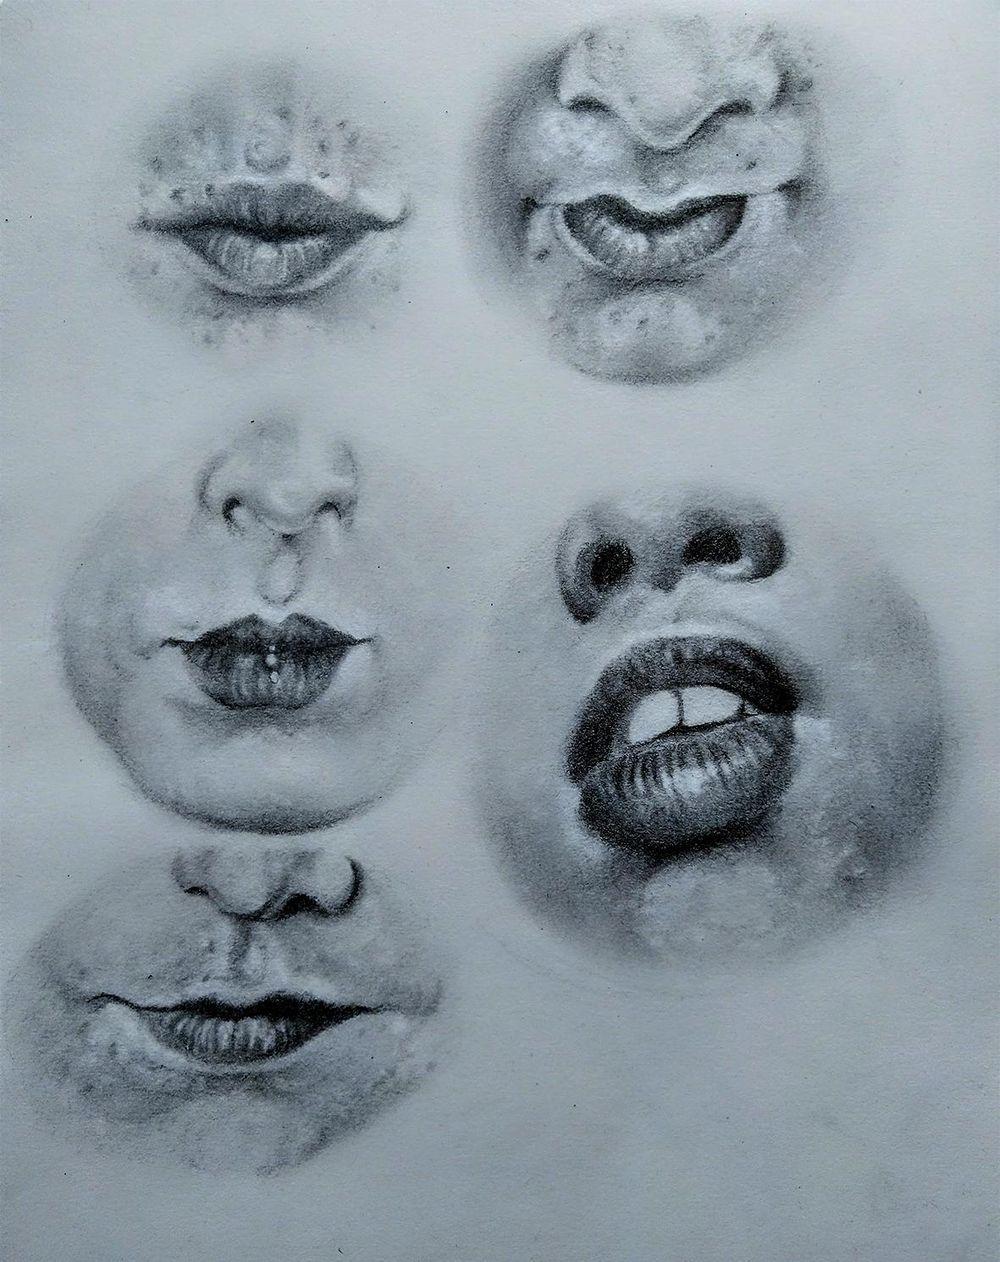 Pencil Portrait - practice - image 6 - student project